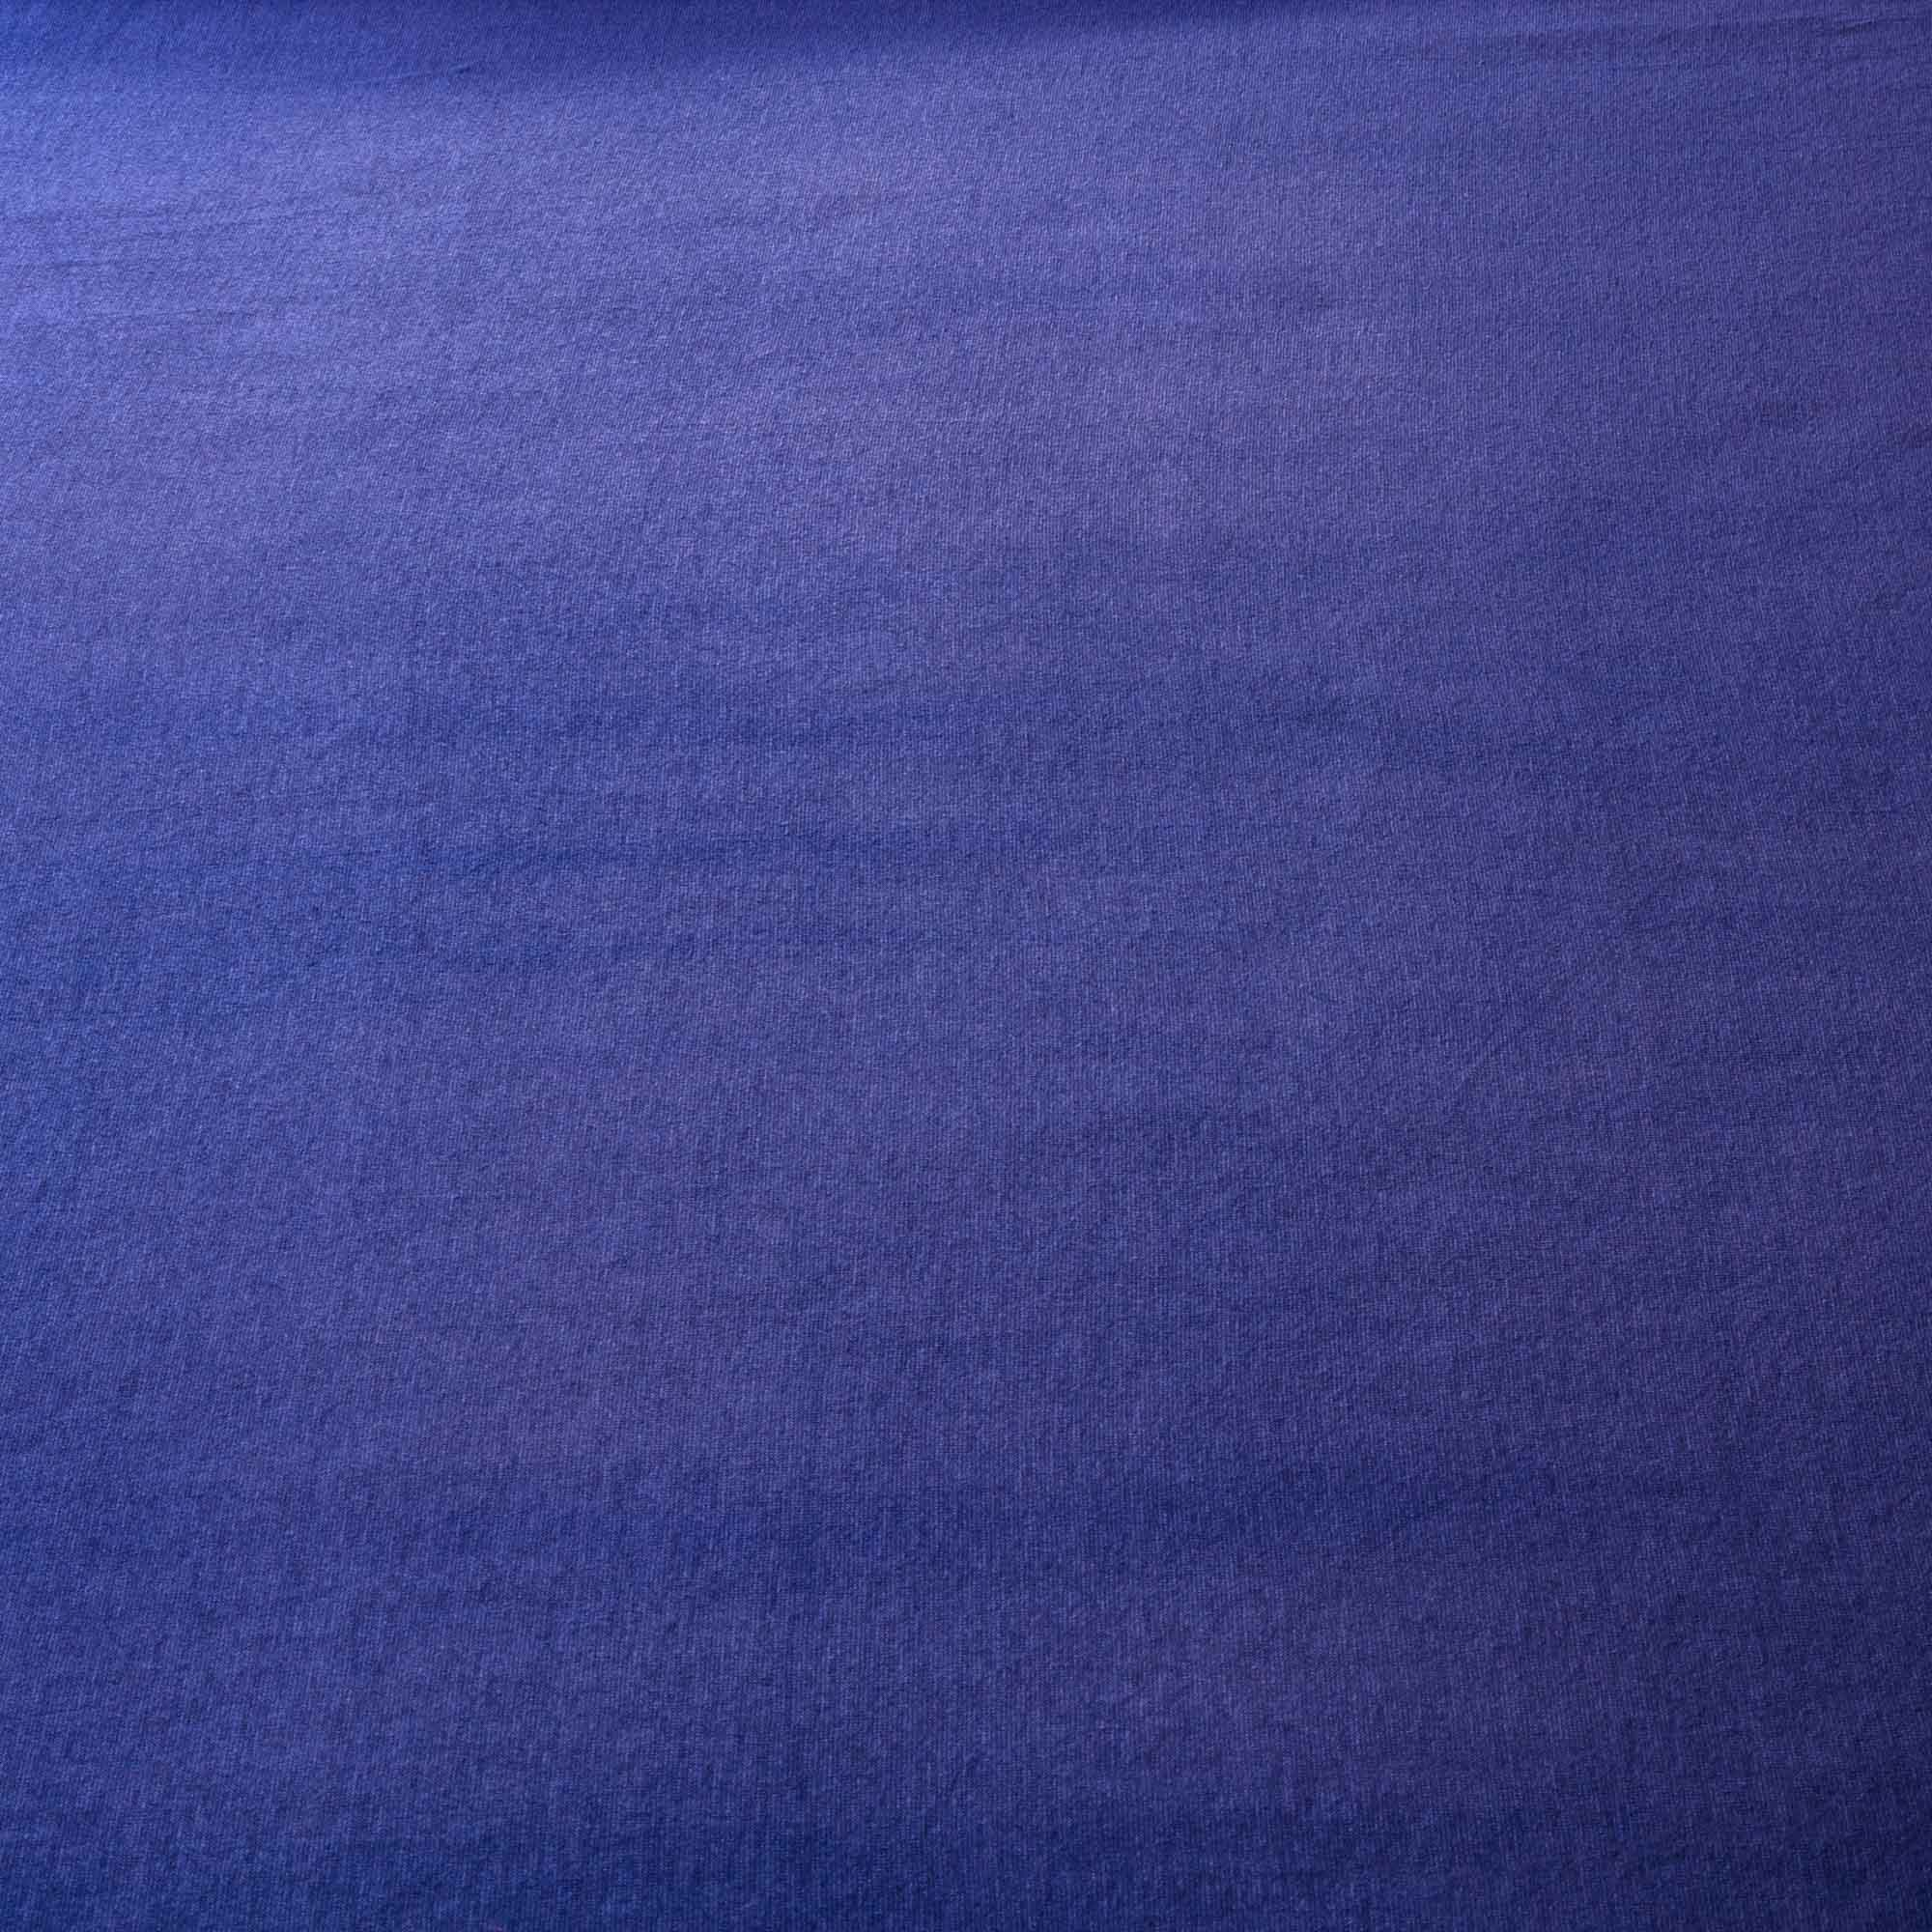 Tecido Malha Viscolycra 1,80 m Largura Azul Royal